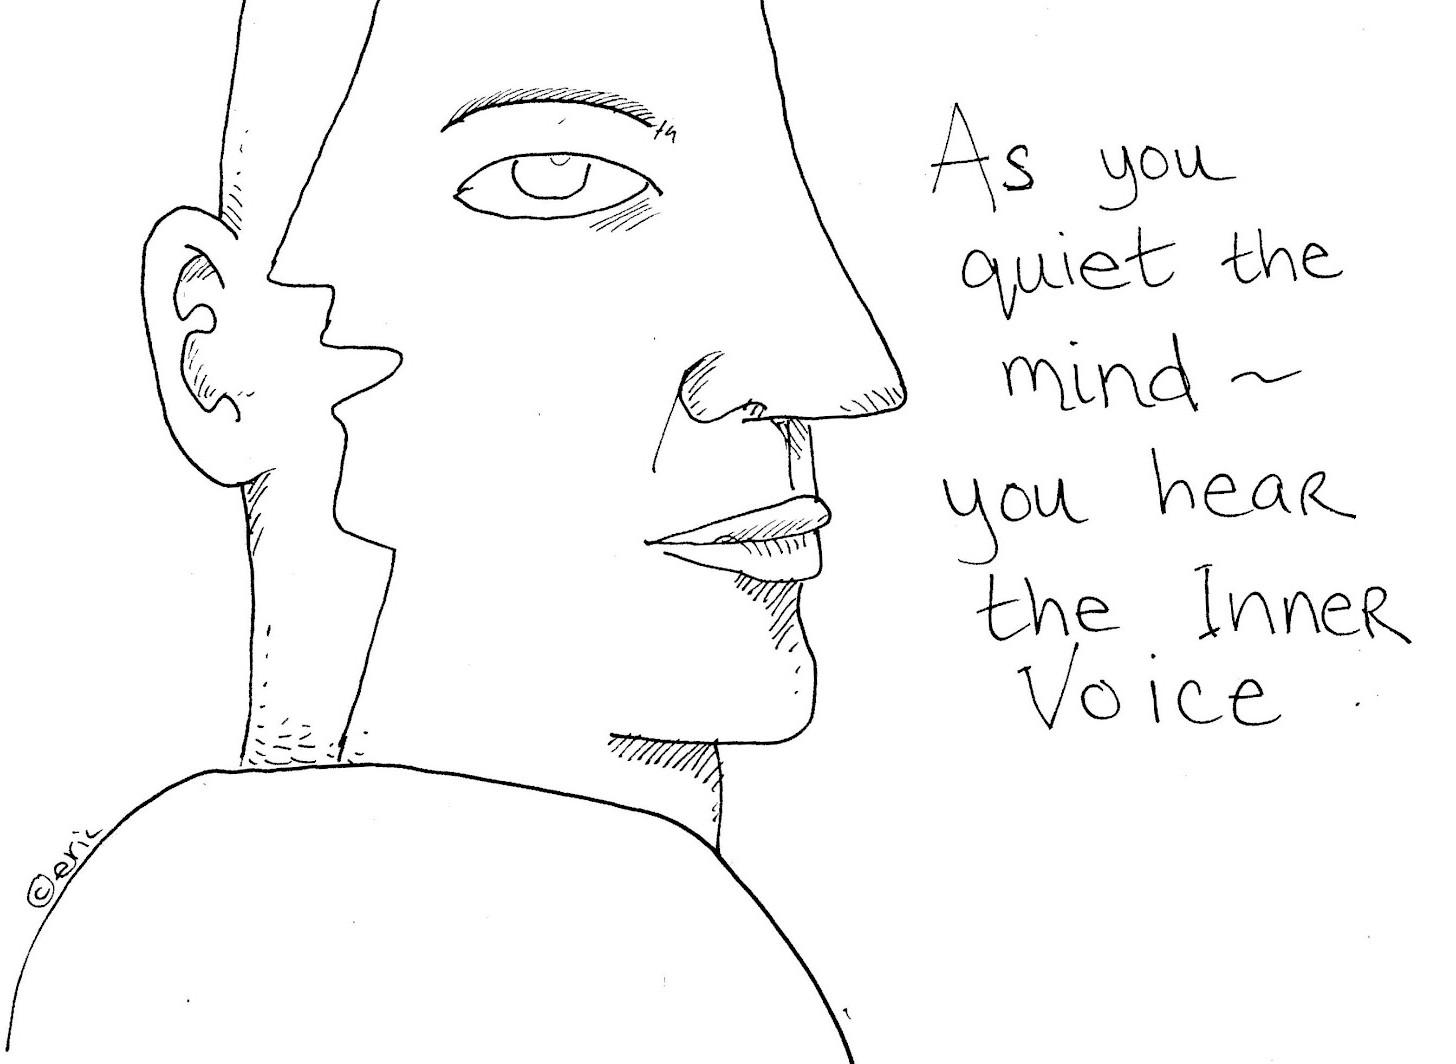 hear-the-inner-voice